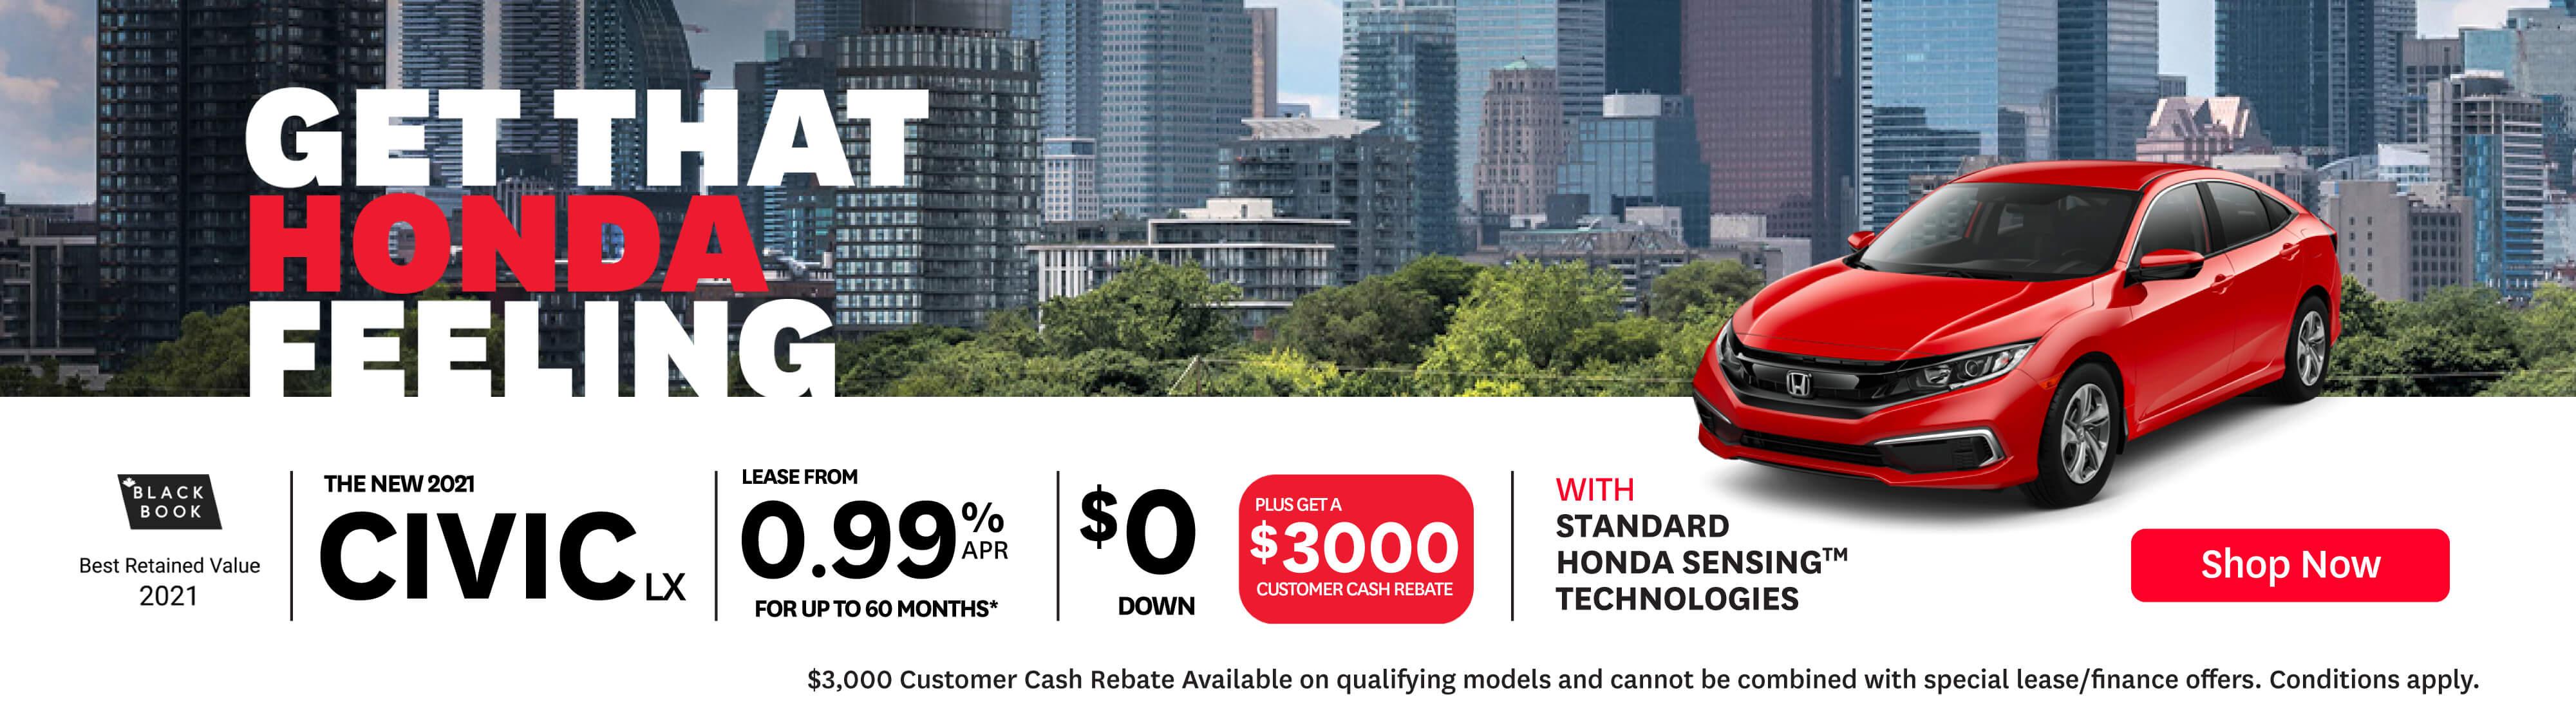 Orangeville Honda Feeling DM June 2021 2021 Civic LX